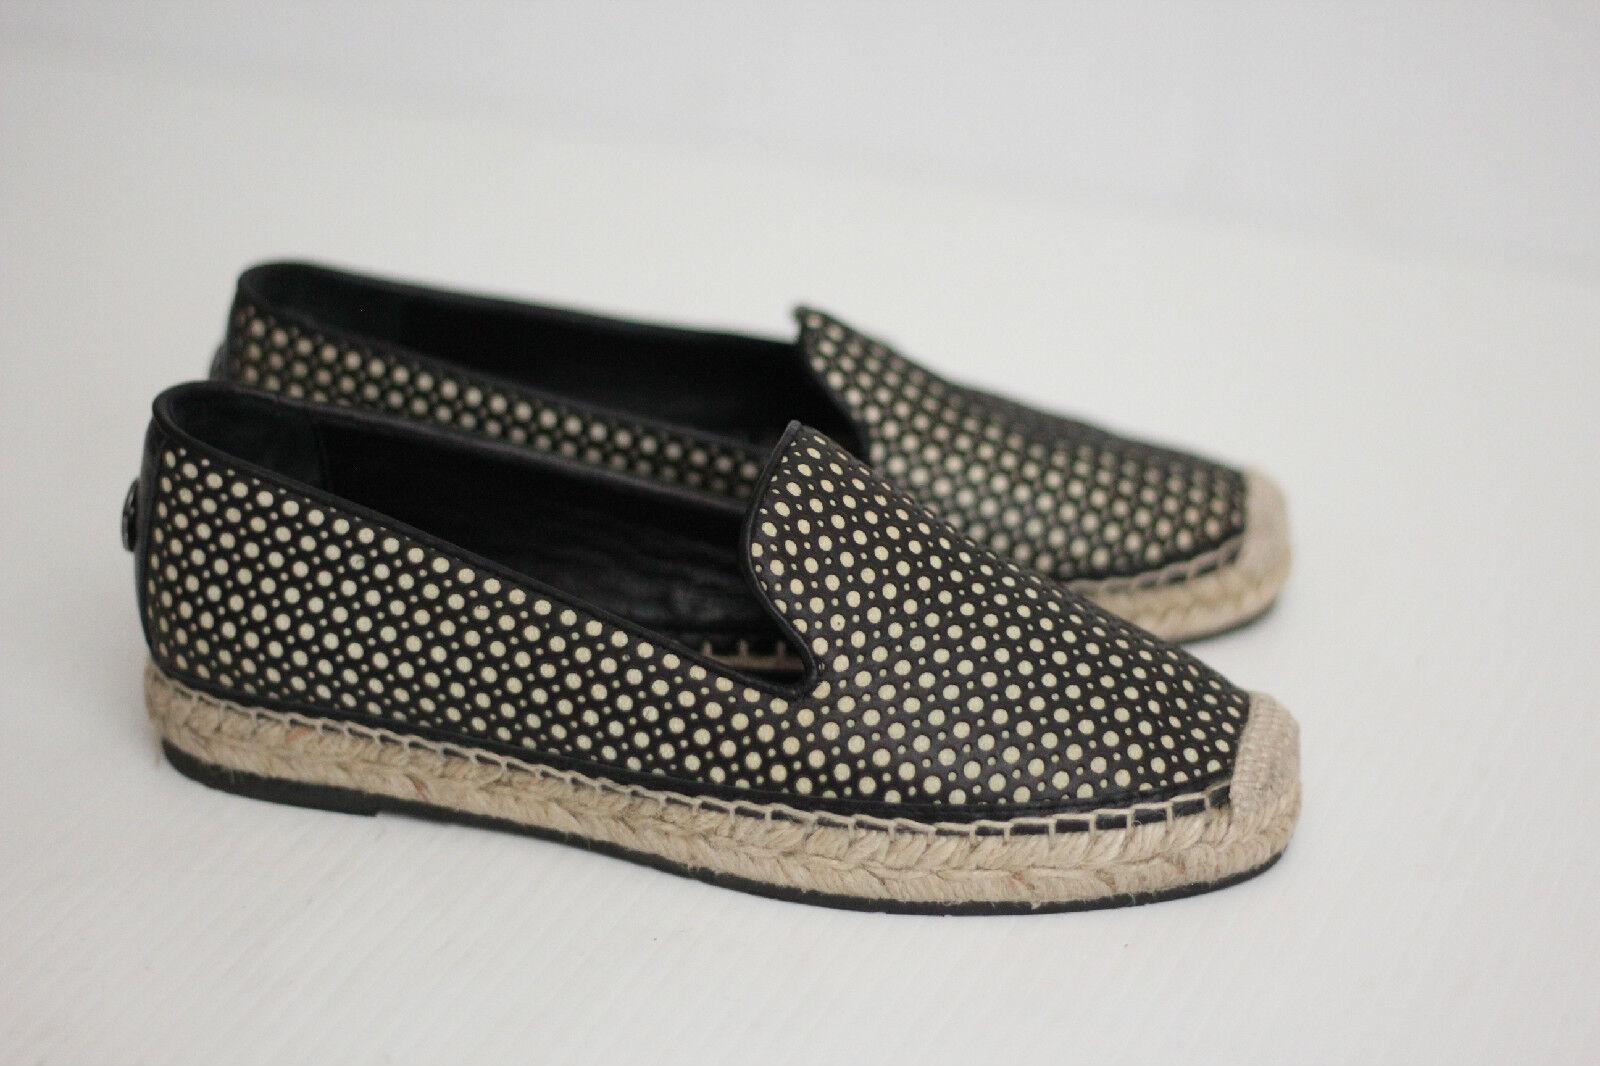 Womens Moncler 'Josette' Calfskin Calfskin Calfskin Leather Espadrilles - Black - 5US   35 (Z13) 66805c